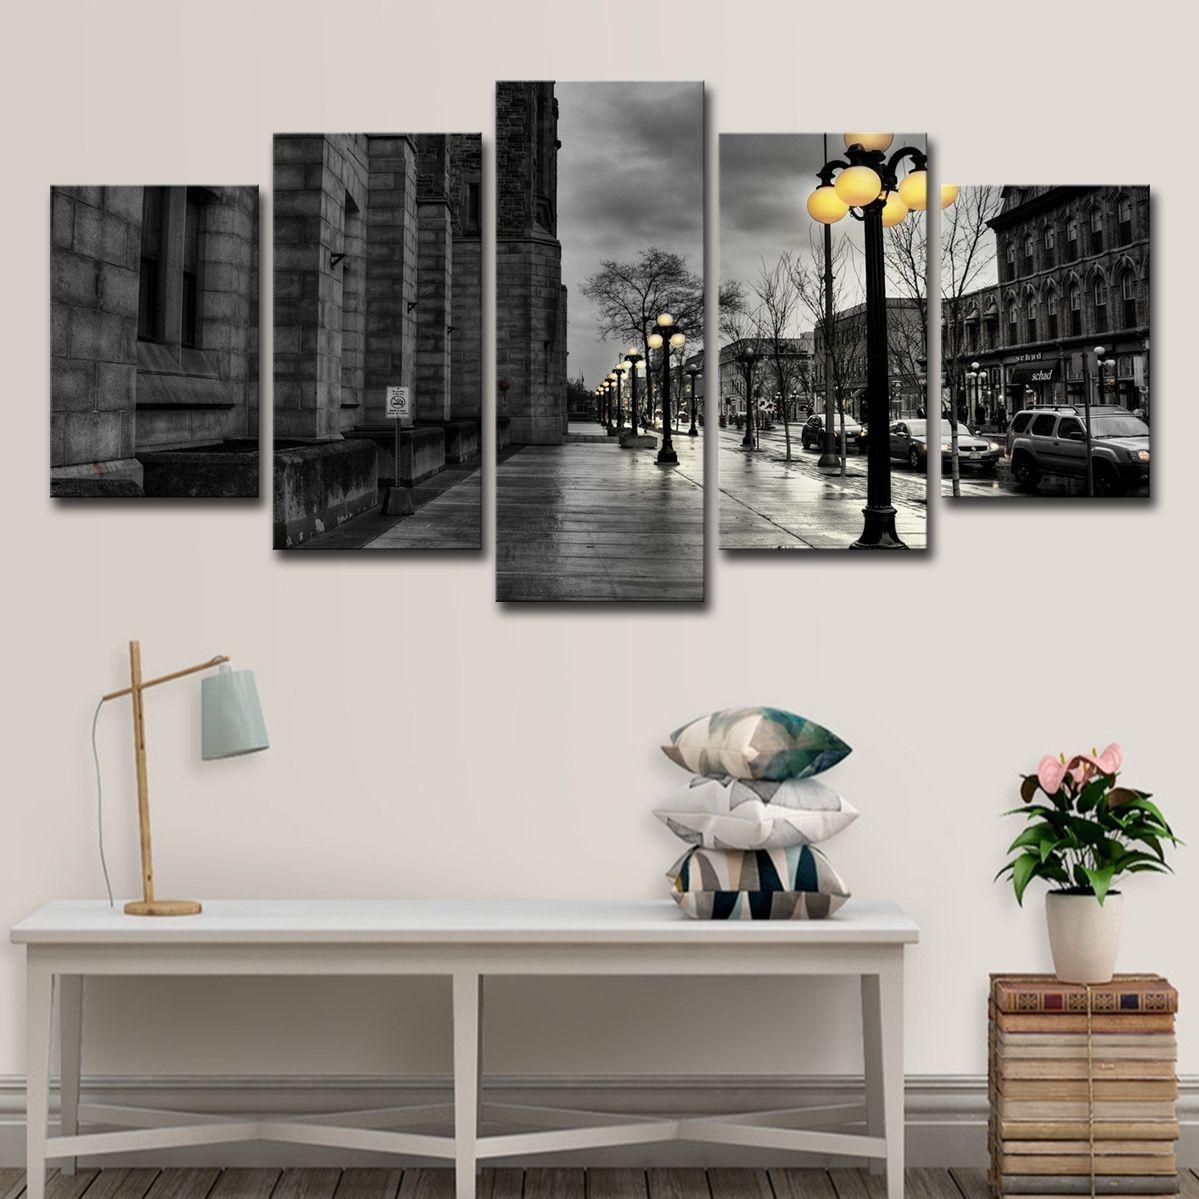 5 ADET Londra Şehir Streetscape Siyah Beyaz Poster Duvar Art HD Baskı Tuval Boyama Moda Asılı Resimler